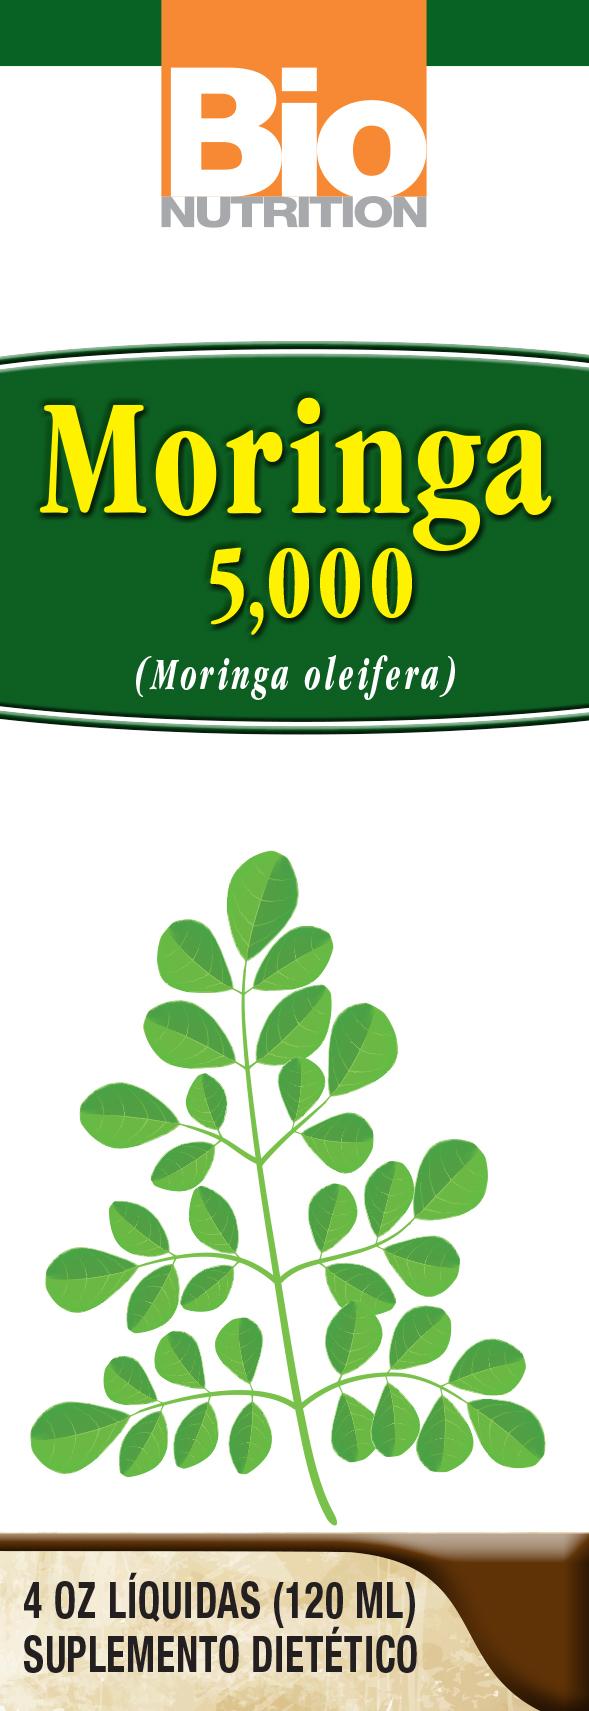 Moringa 5,000